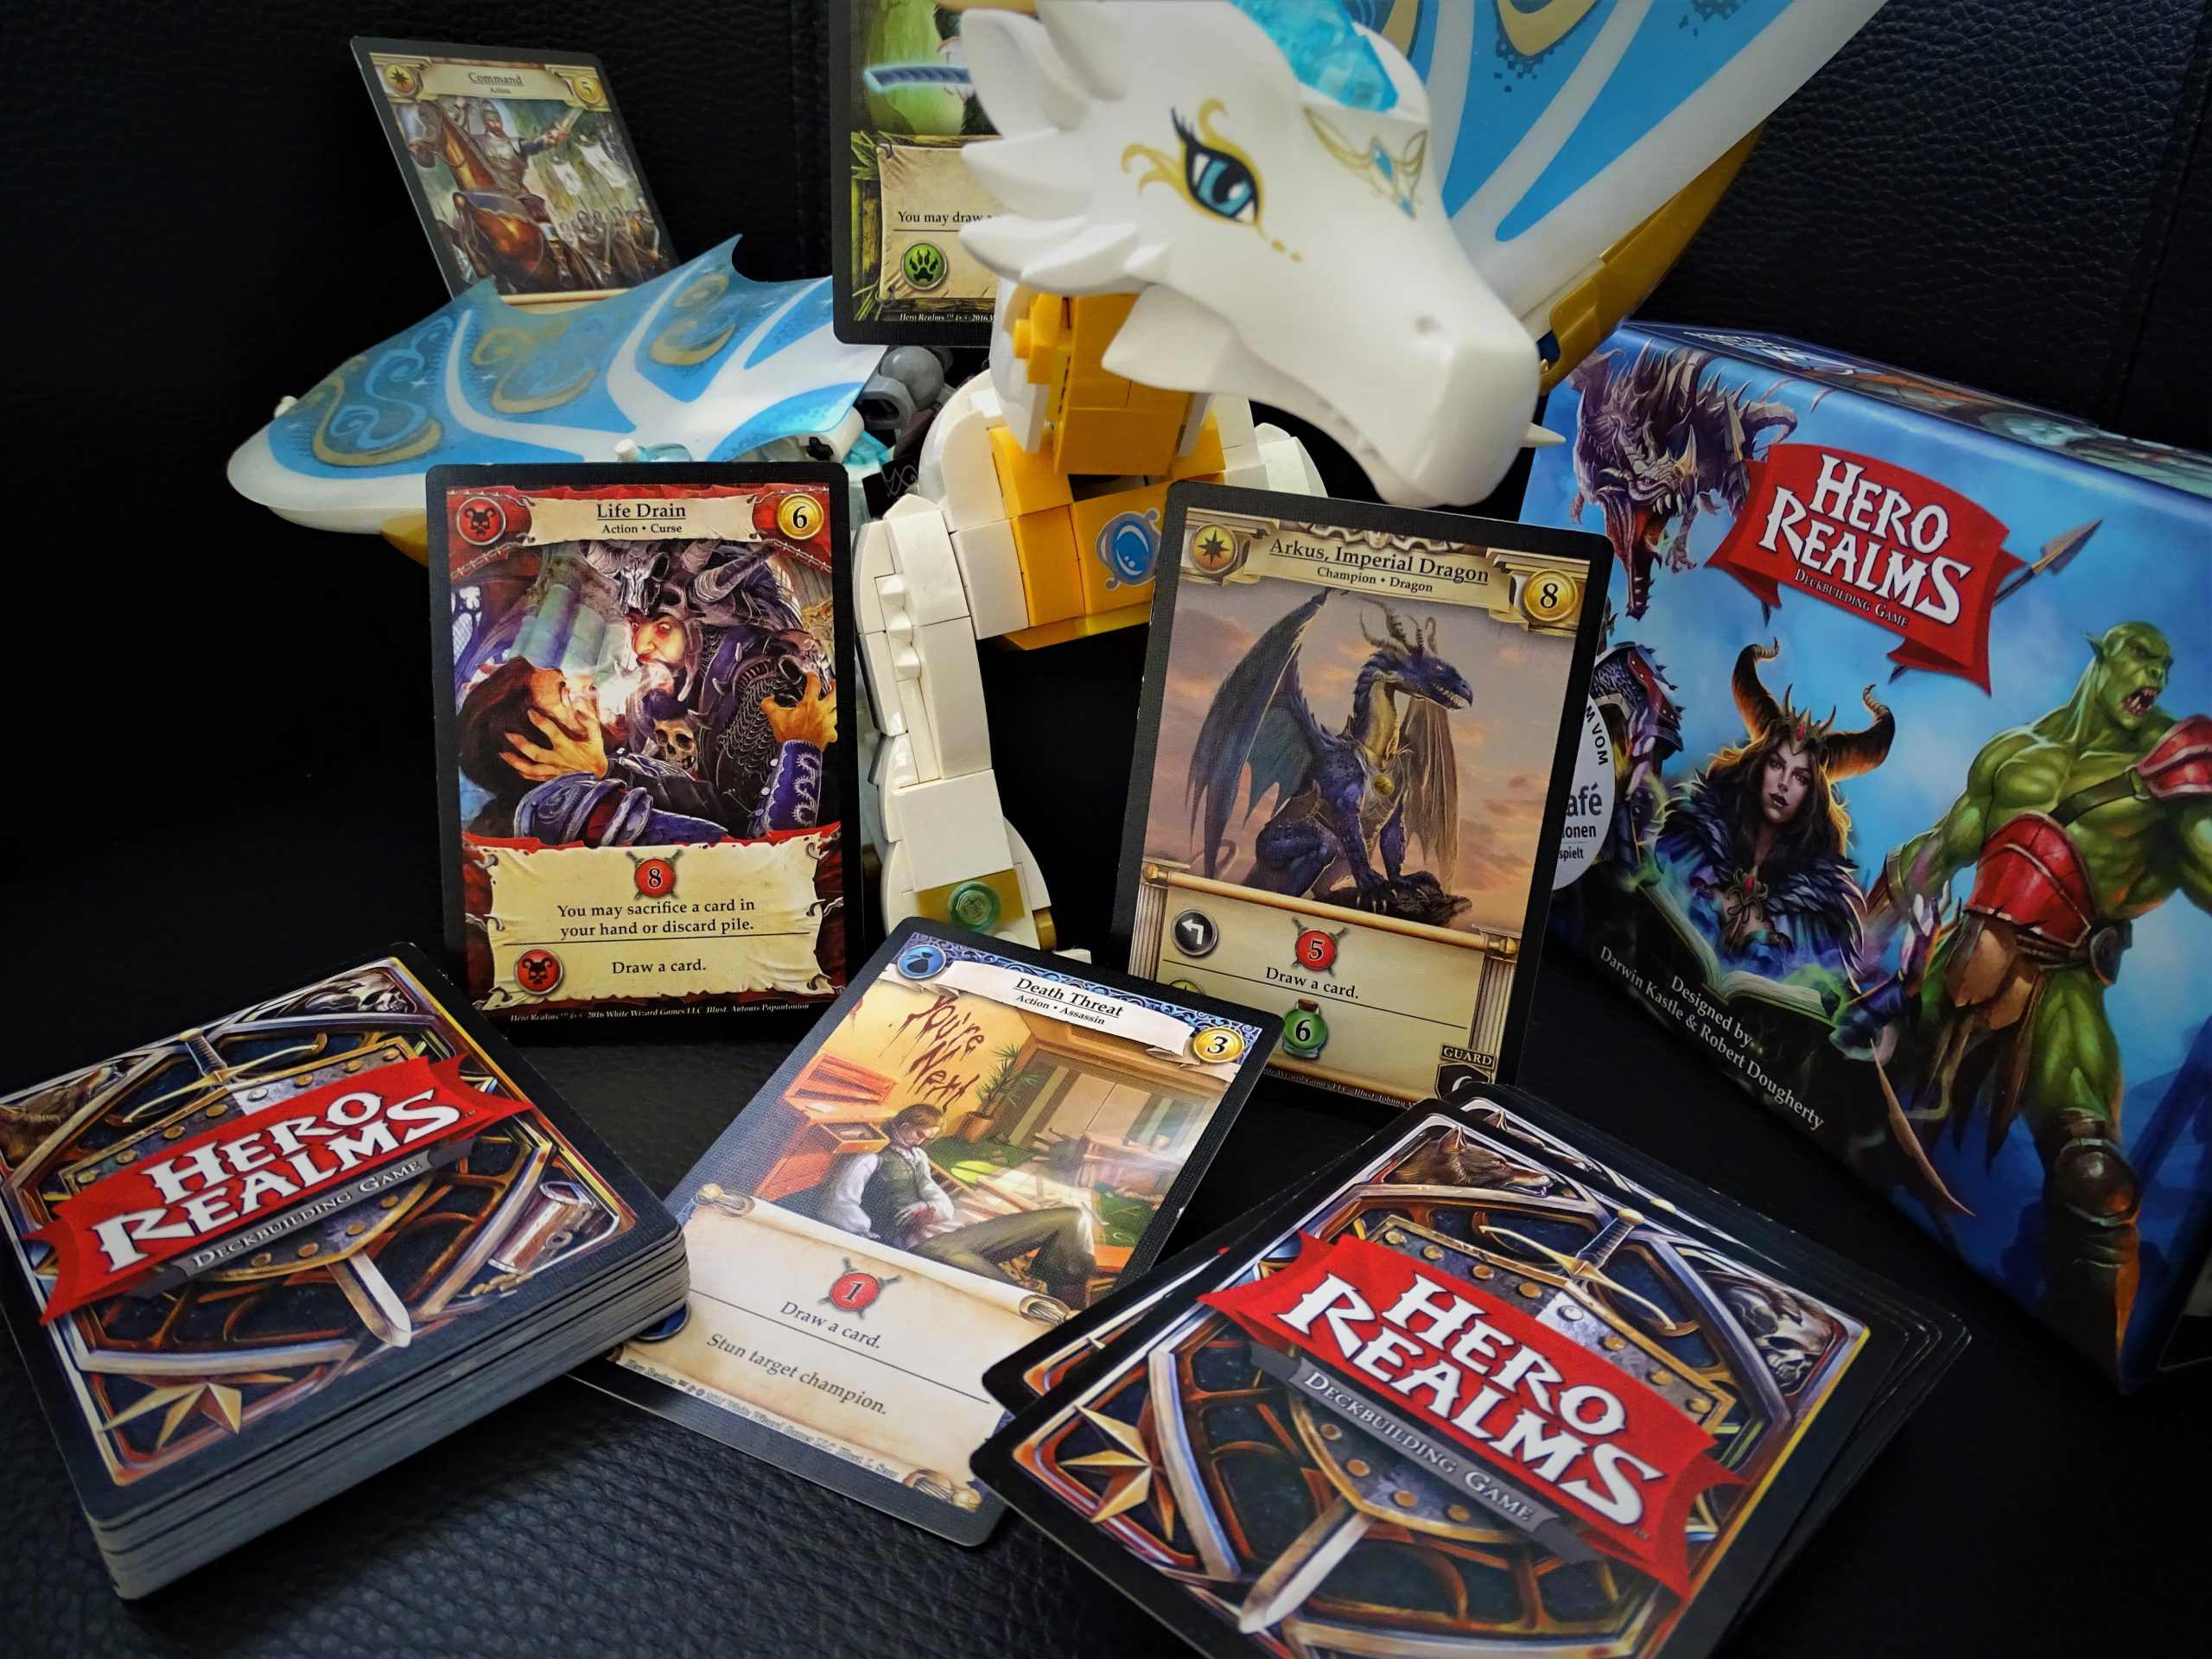 Hero Realms - ein Kartenspiel mit Deckbau-Mechanismus